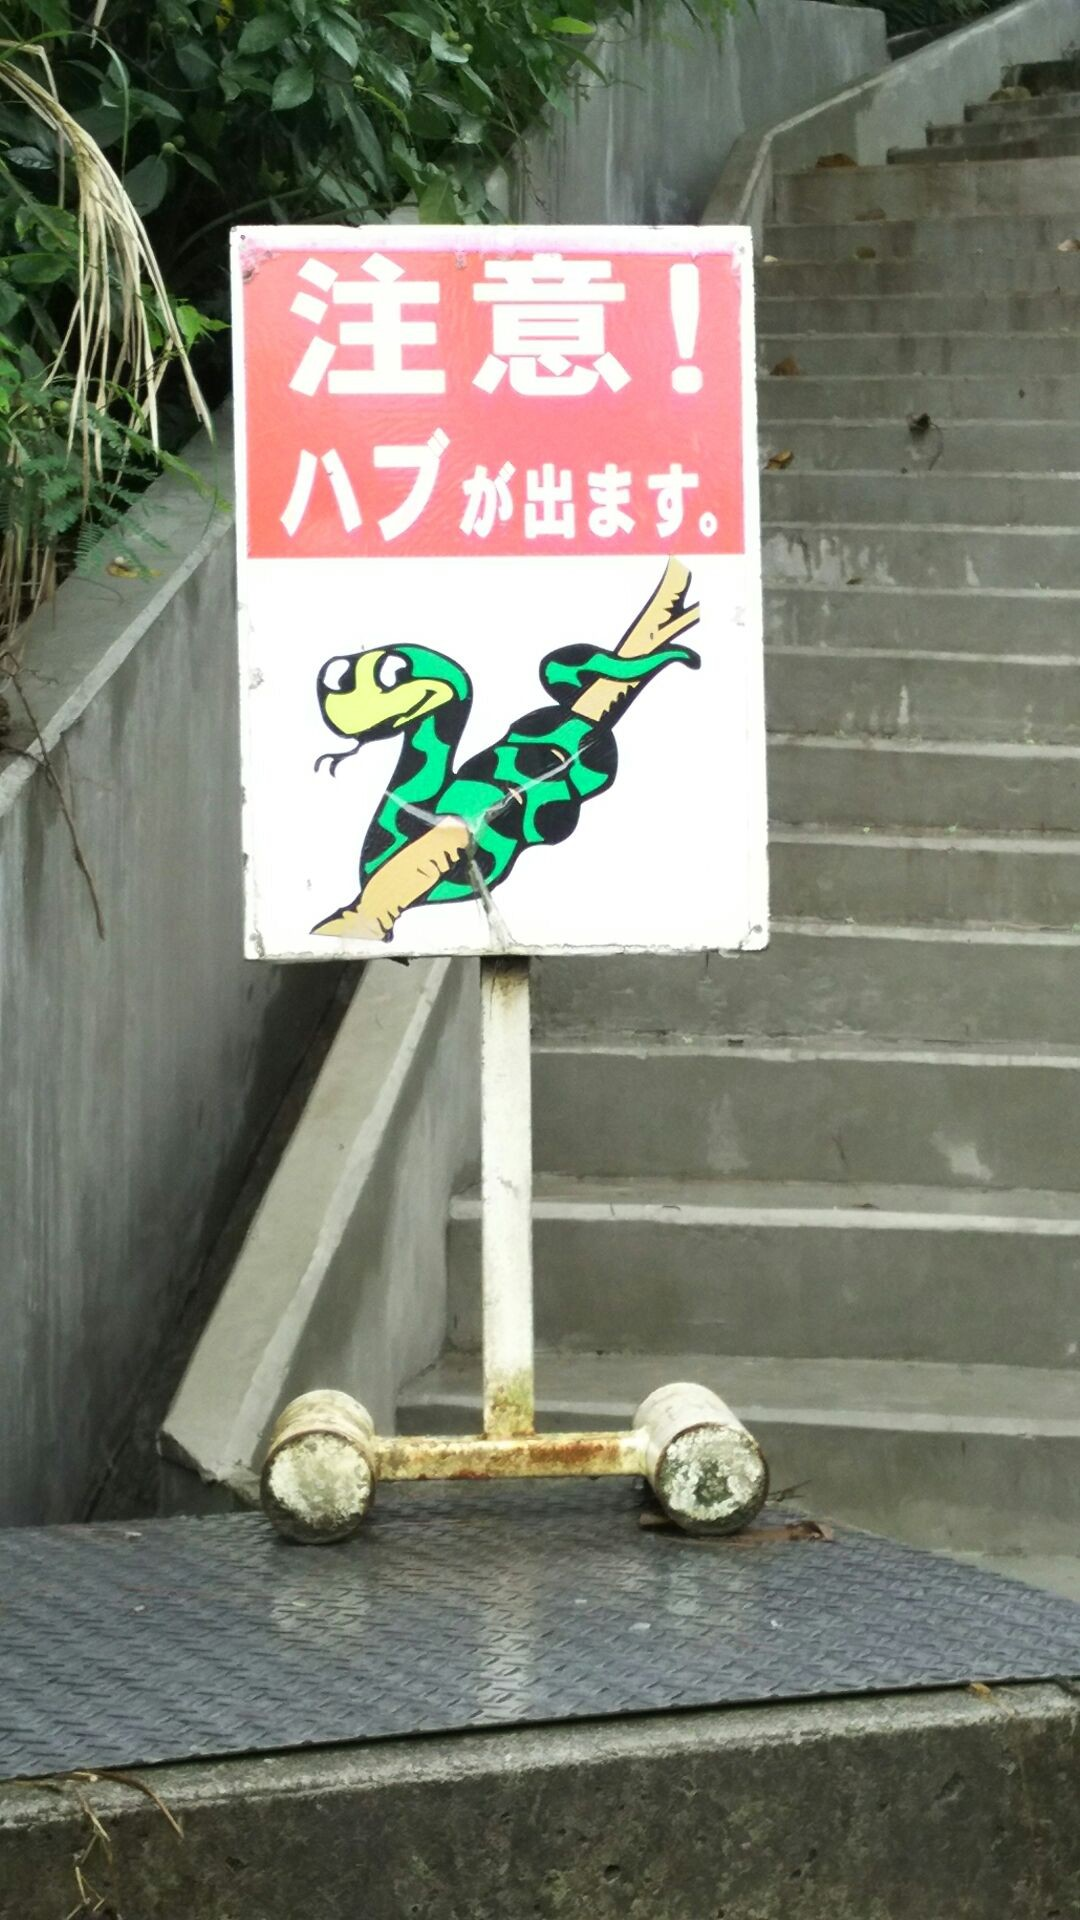 先週 雨の中 ポスティングいってきました@まかせて沖縄